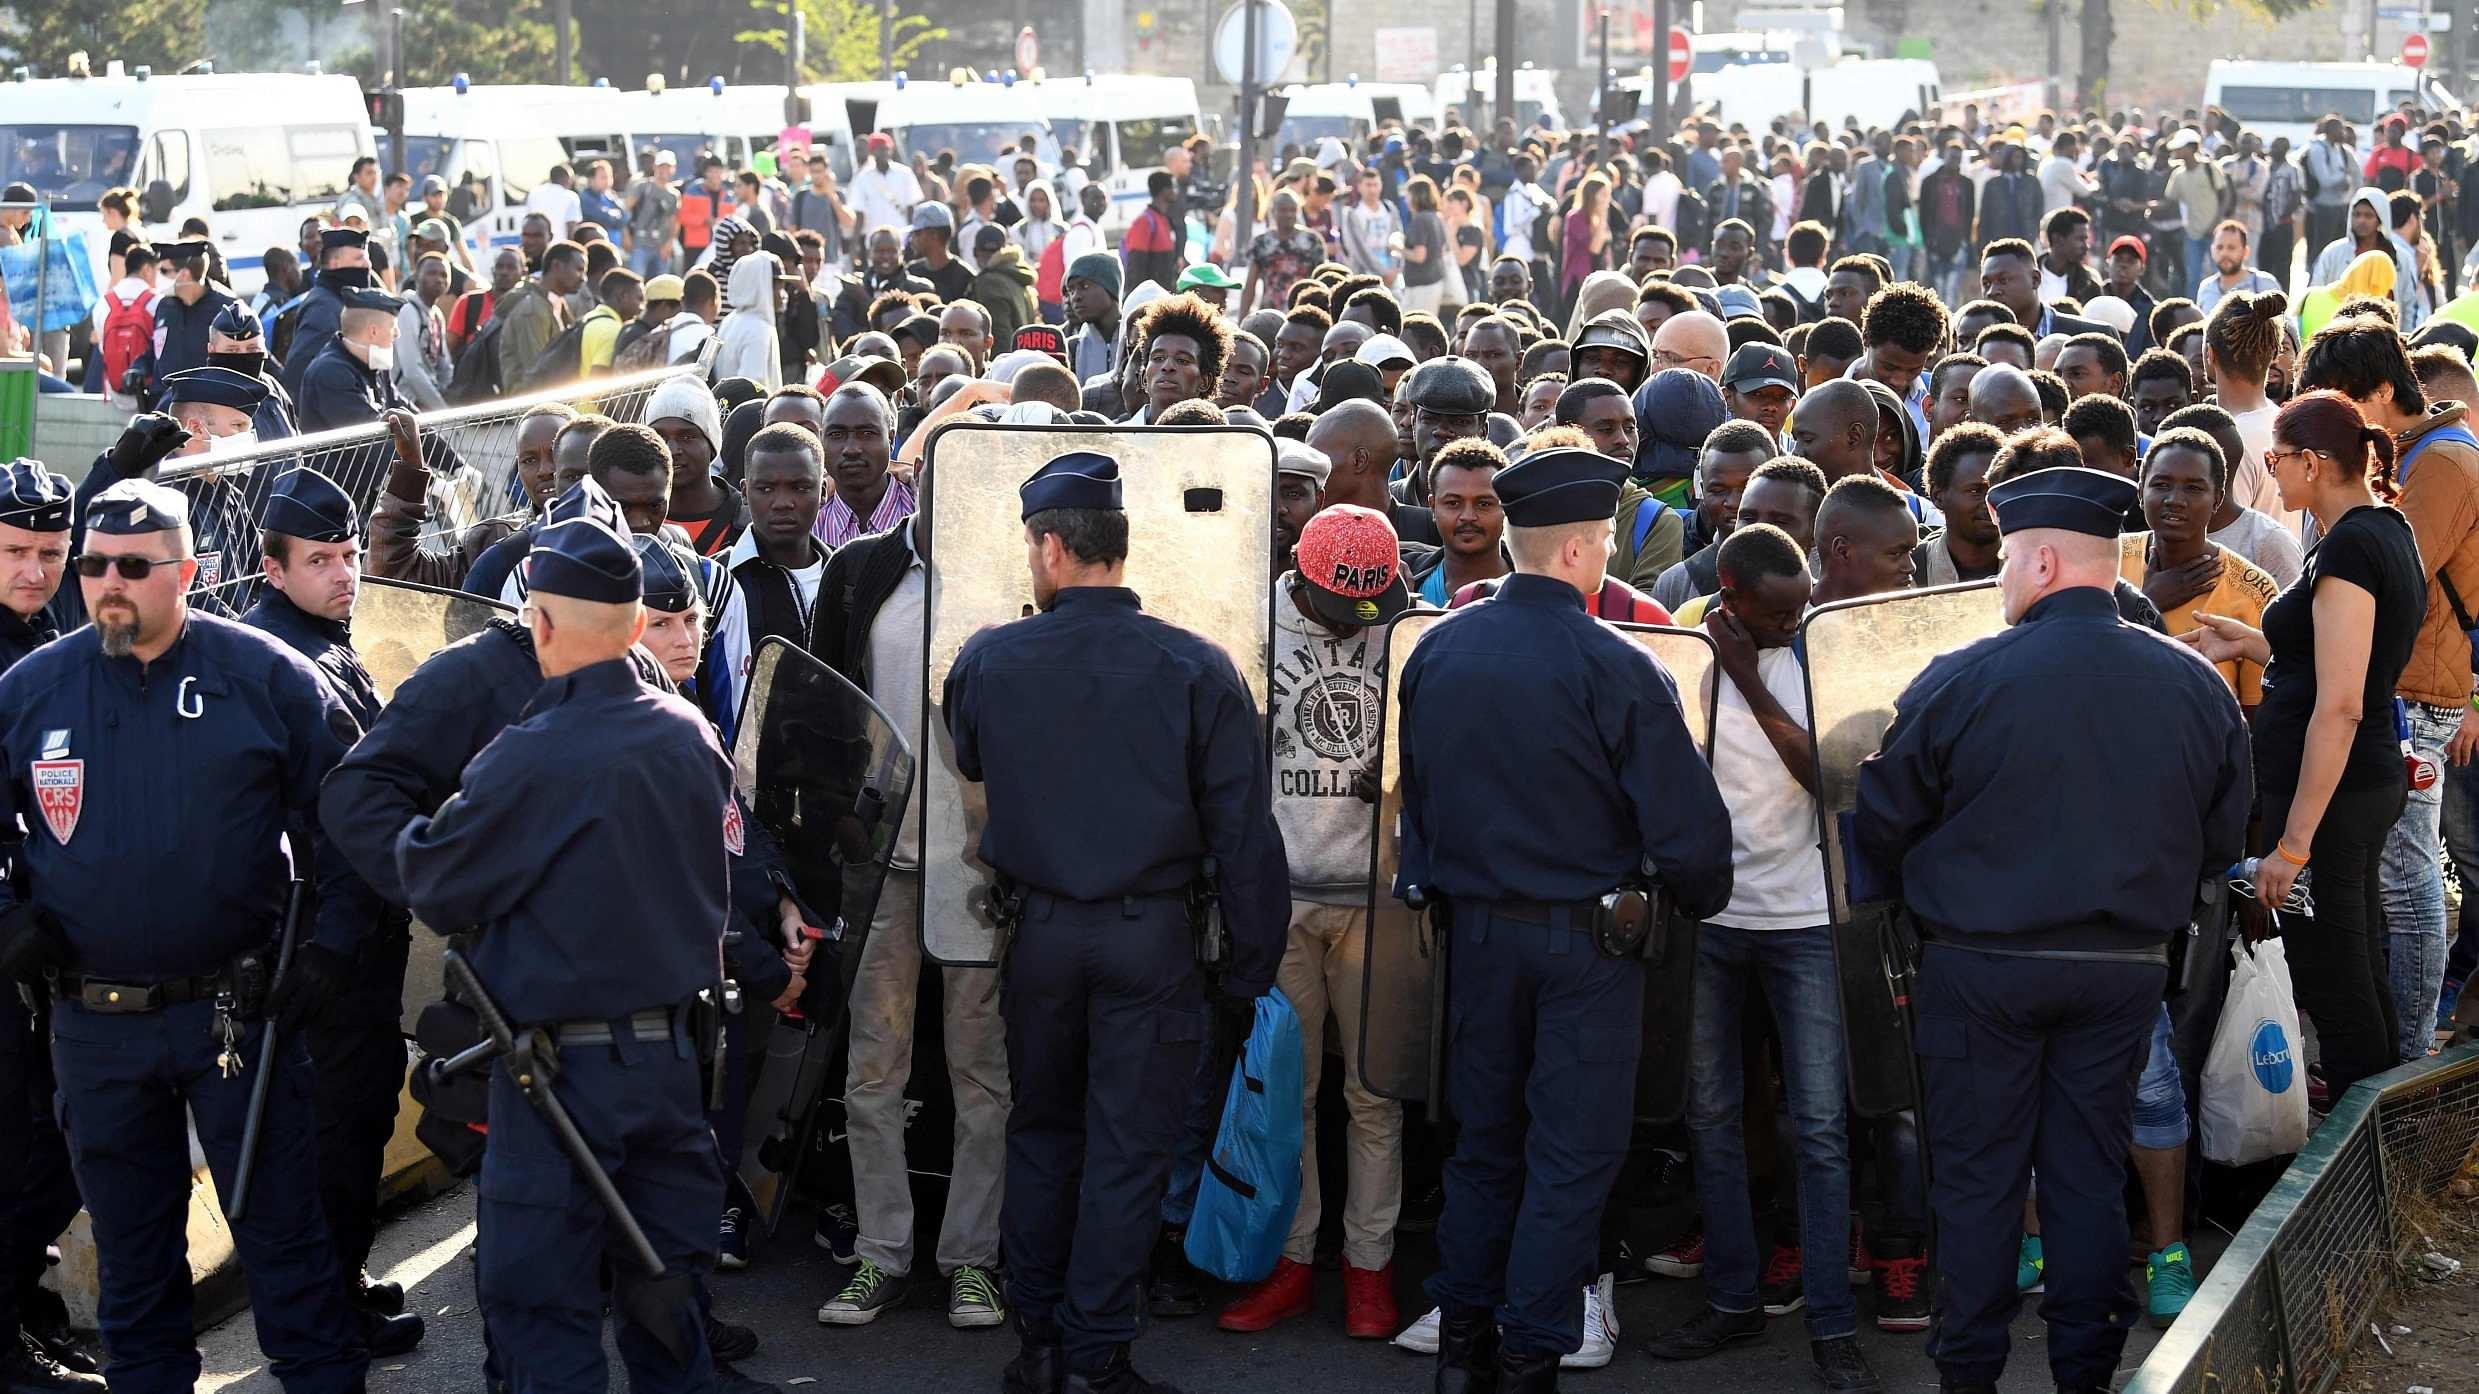 Paris police dismantle illegal migrant camp